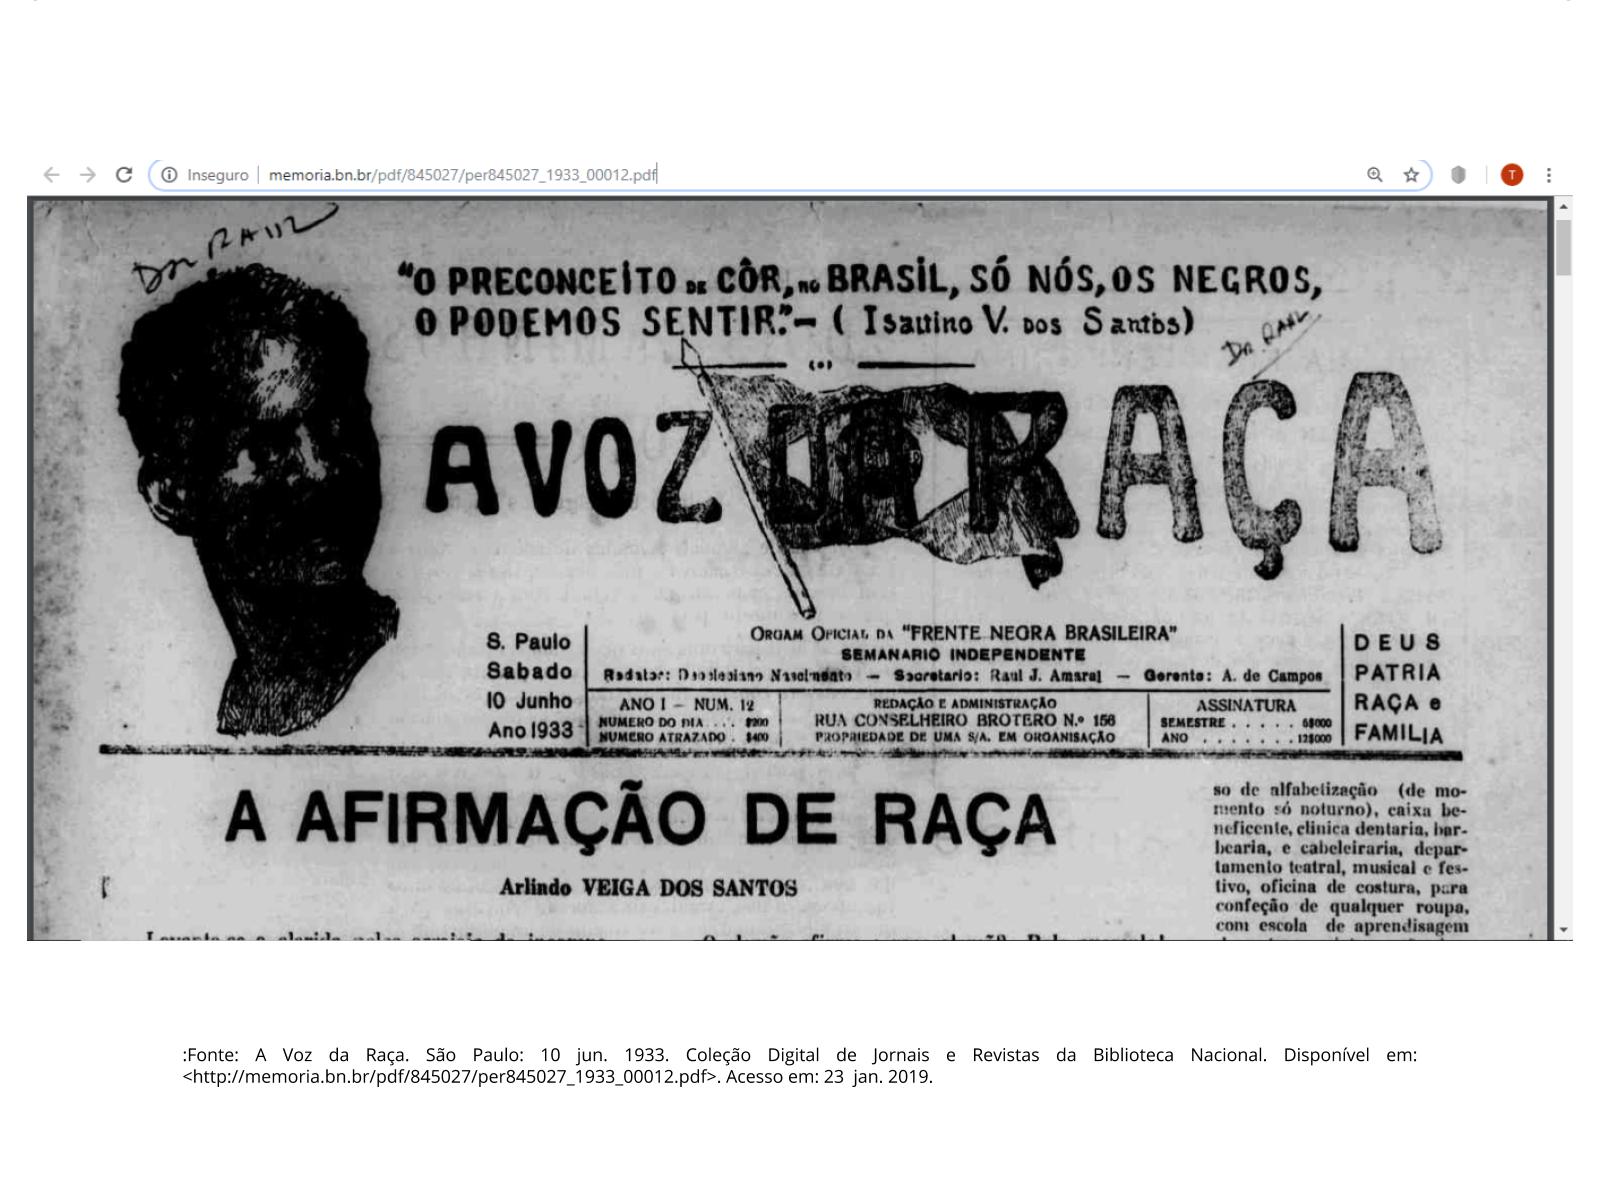 A importância do trabalho da Frente Negra Brasileira (FNB)